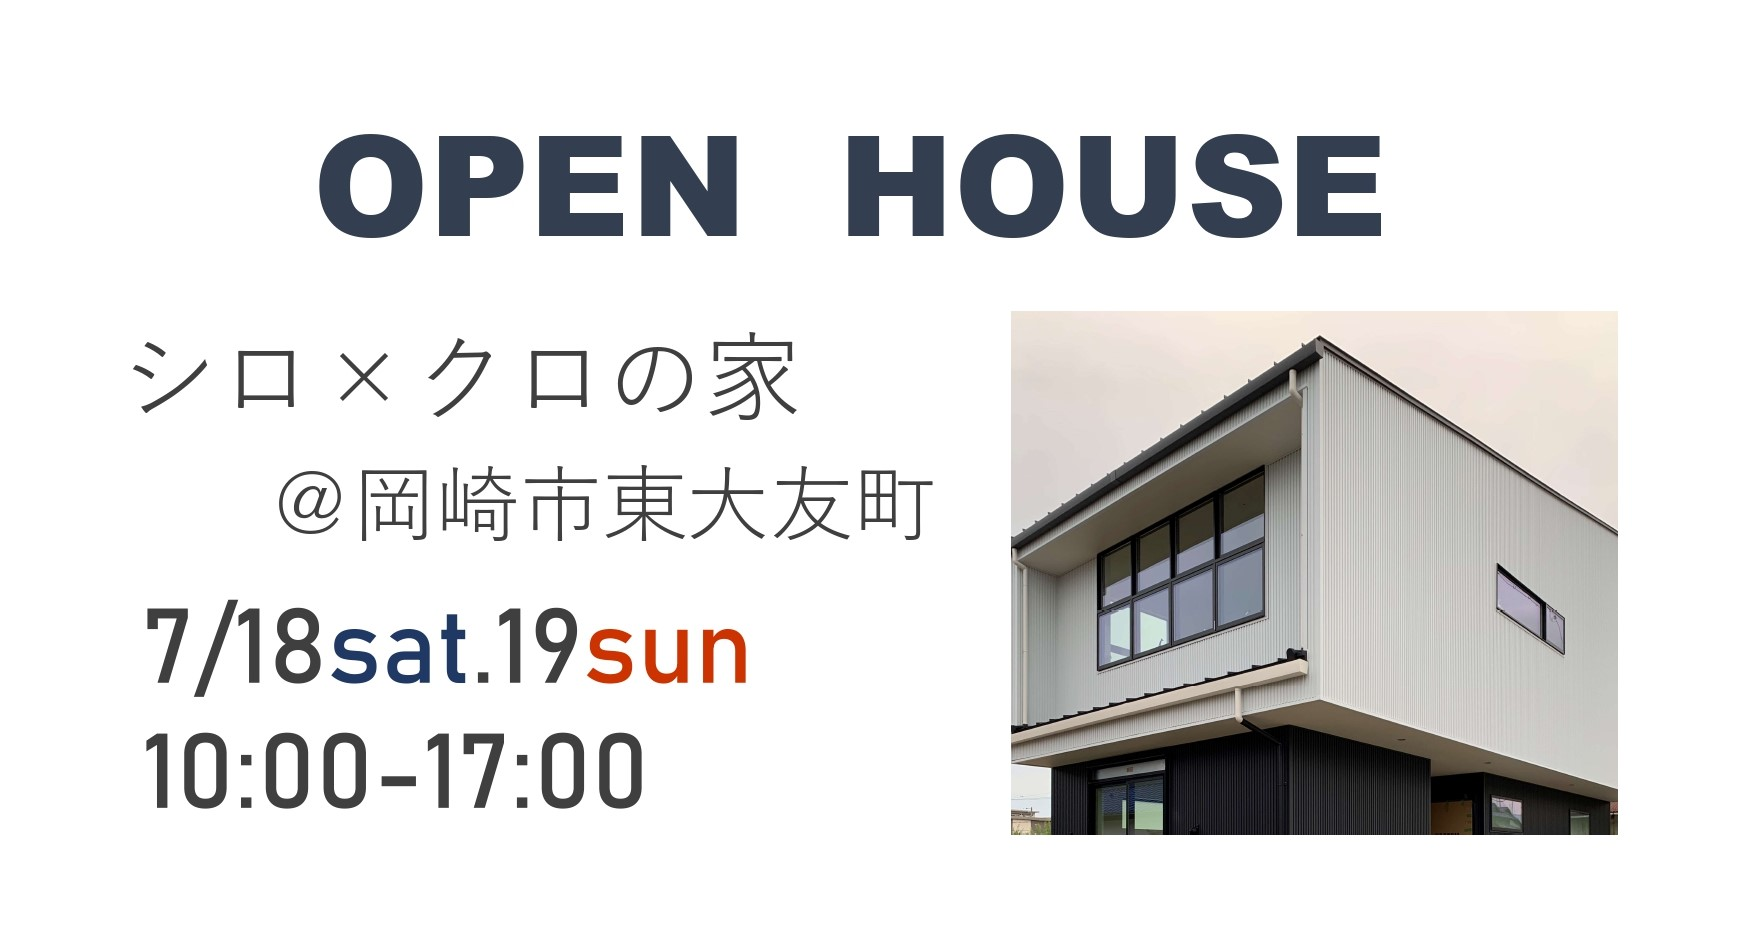 イベント情報更新しました<br /> 岡崎市東大友町完成見学会【予約制】